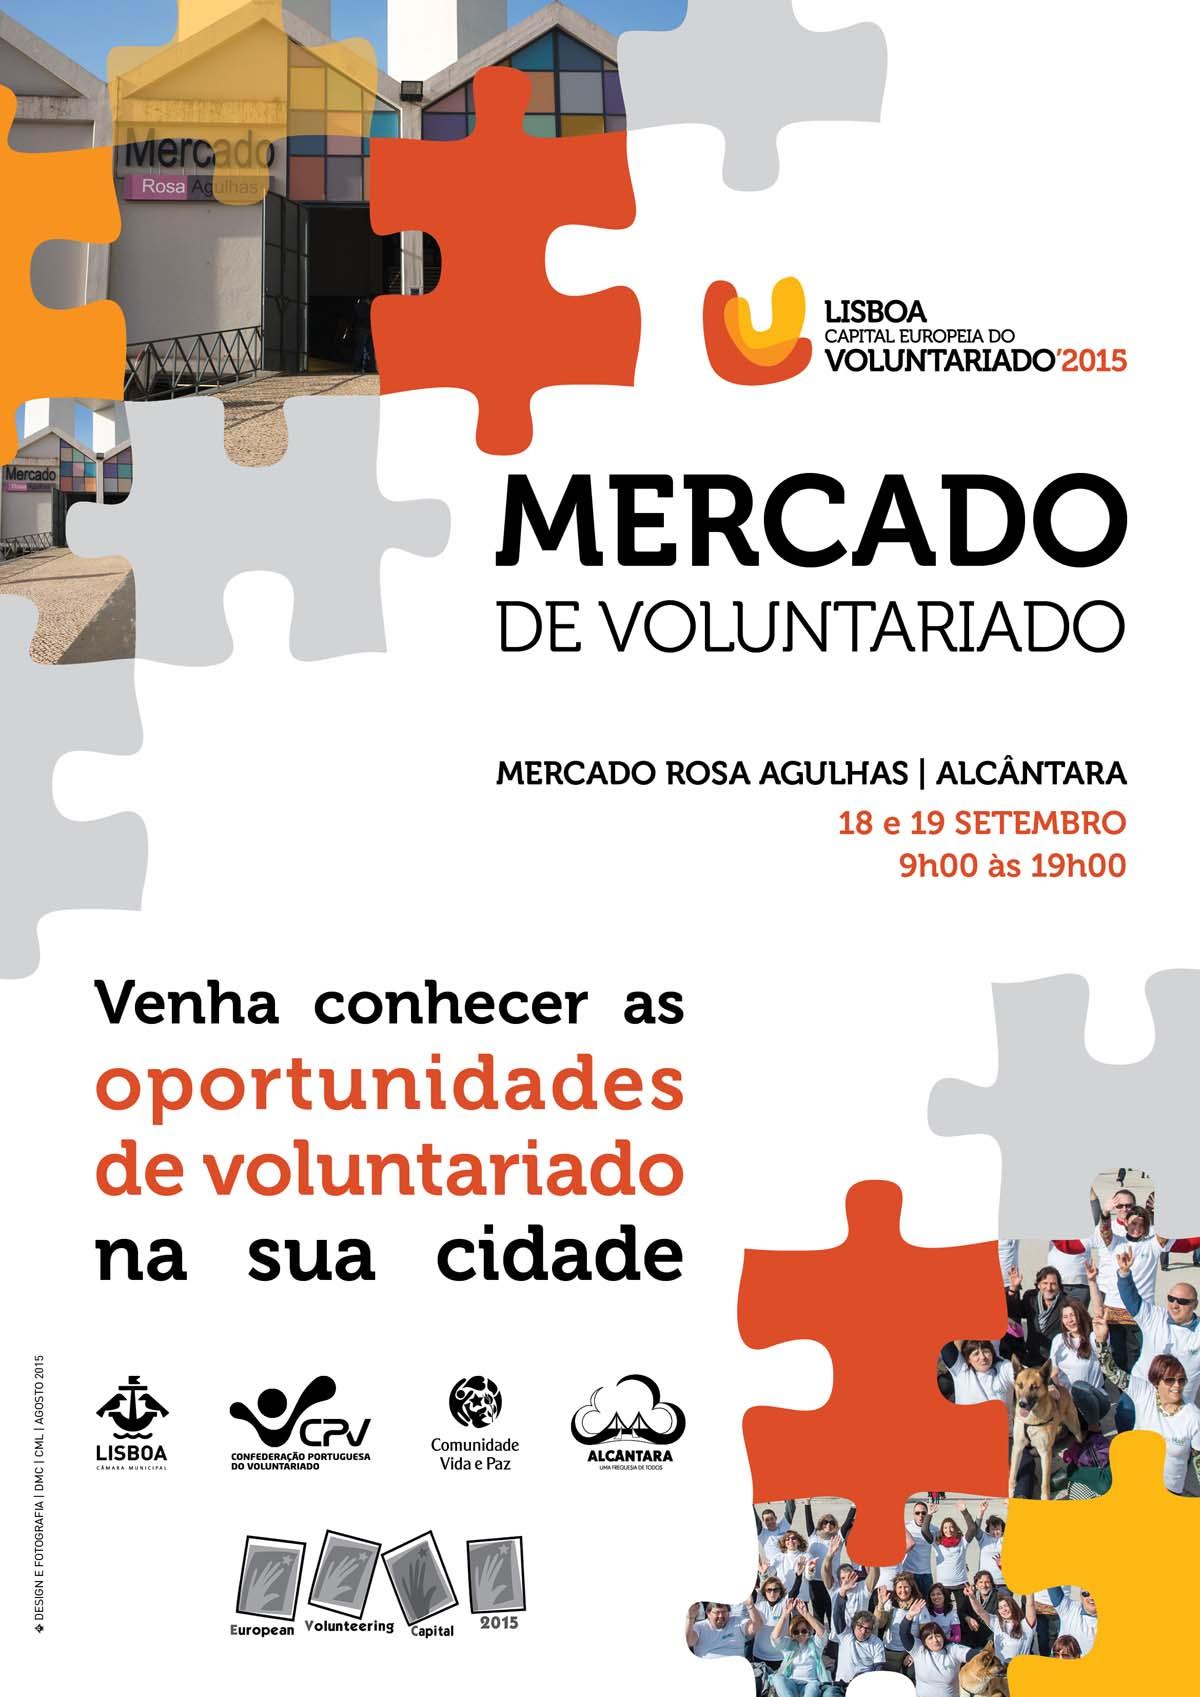 Mercado de Voluntariado